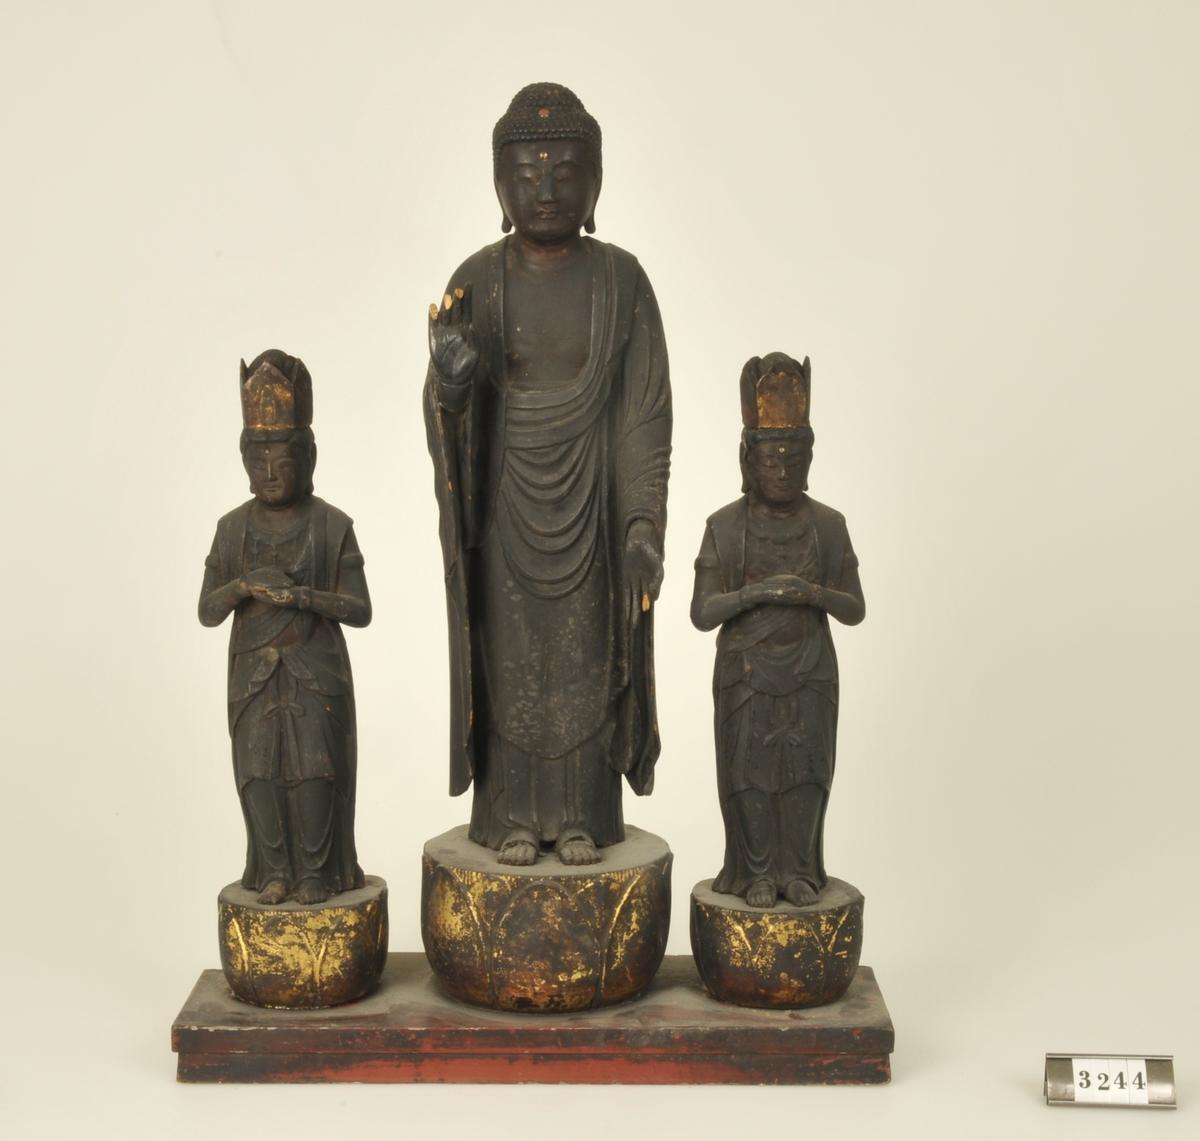 Budda omgiven av två bodhisattvas. Tre personer - en större och två mindre sammonterade. Svartmålade och förgyllda. Höjd: 290 resp 450 mm.   Adelsköldska samlingarna.